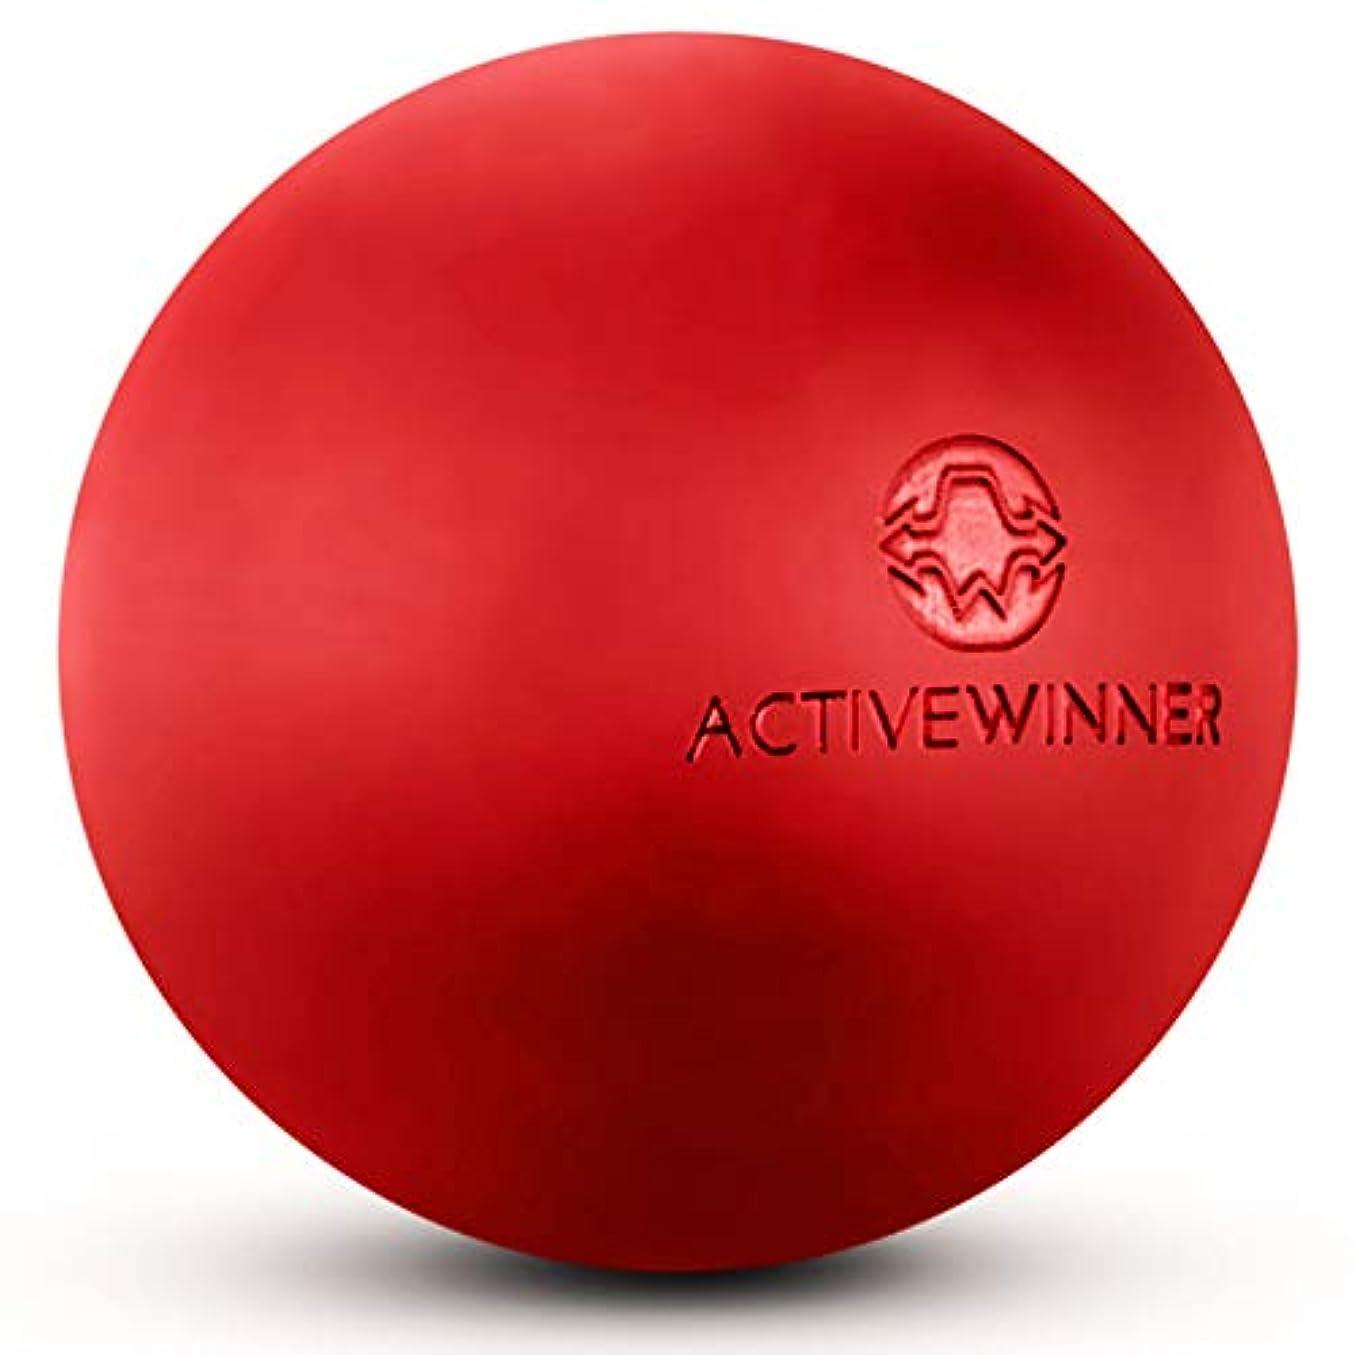 付属品反響する安らぎActive Winner マッサージボール トリガーポイント (レッド) ストレッチボール 筋膜リリース トレーニング 背中 肩こり 腰 ふくらはぎ 足 ツボ押し